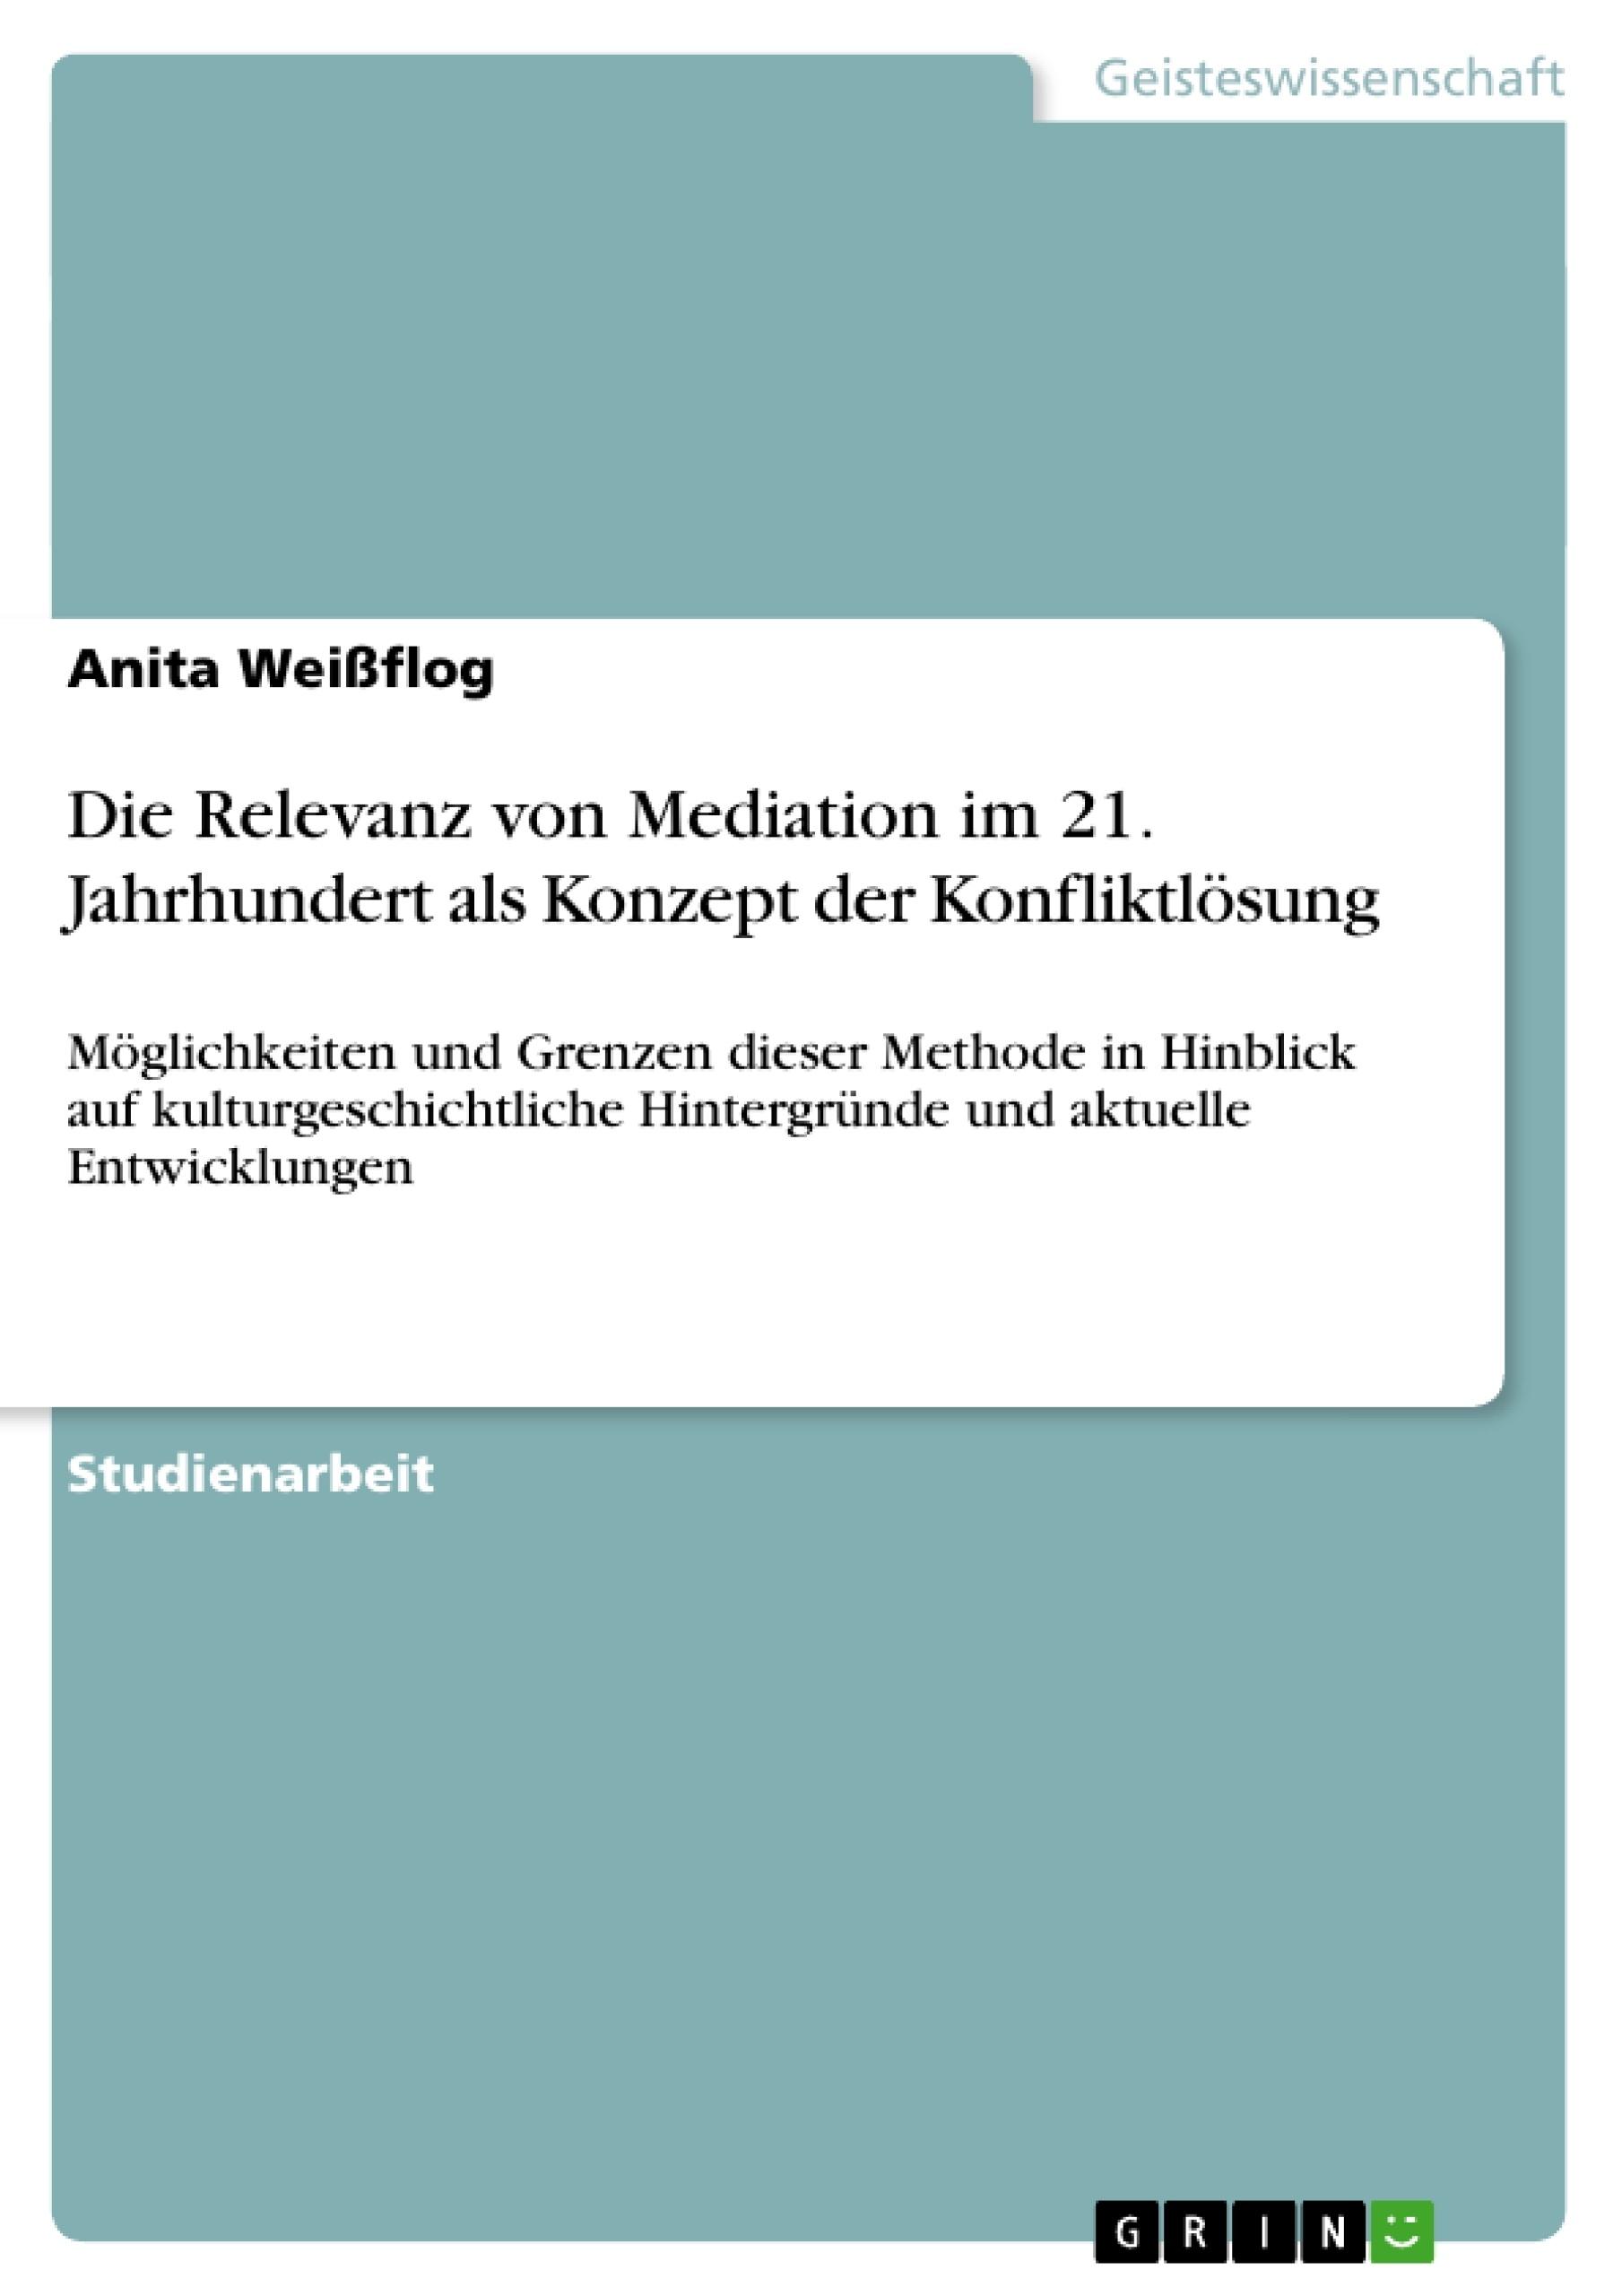 Titel: Die Relevanz von Mediation im 21. Jahrhundert als Konzept der Konfliktlösung